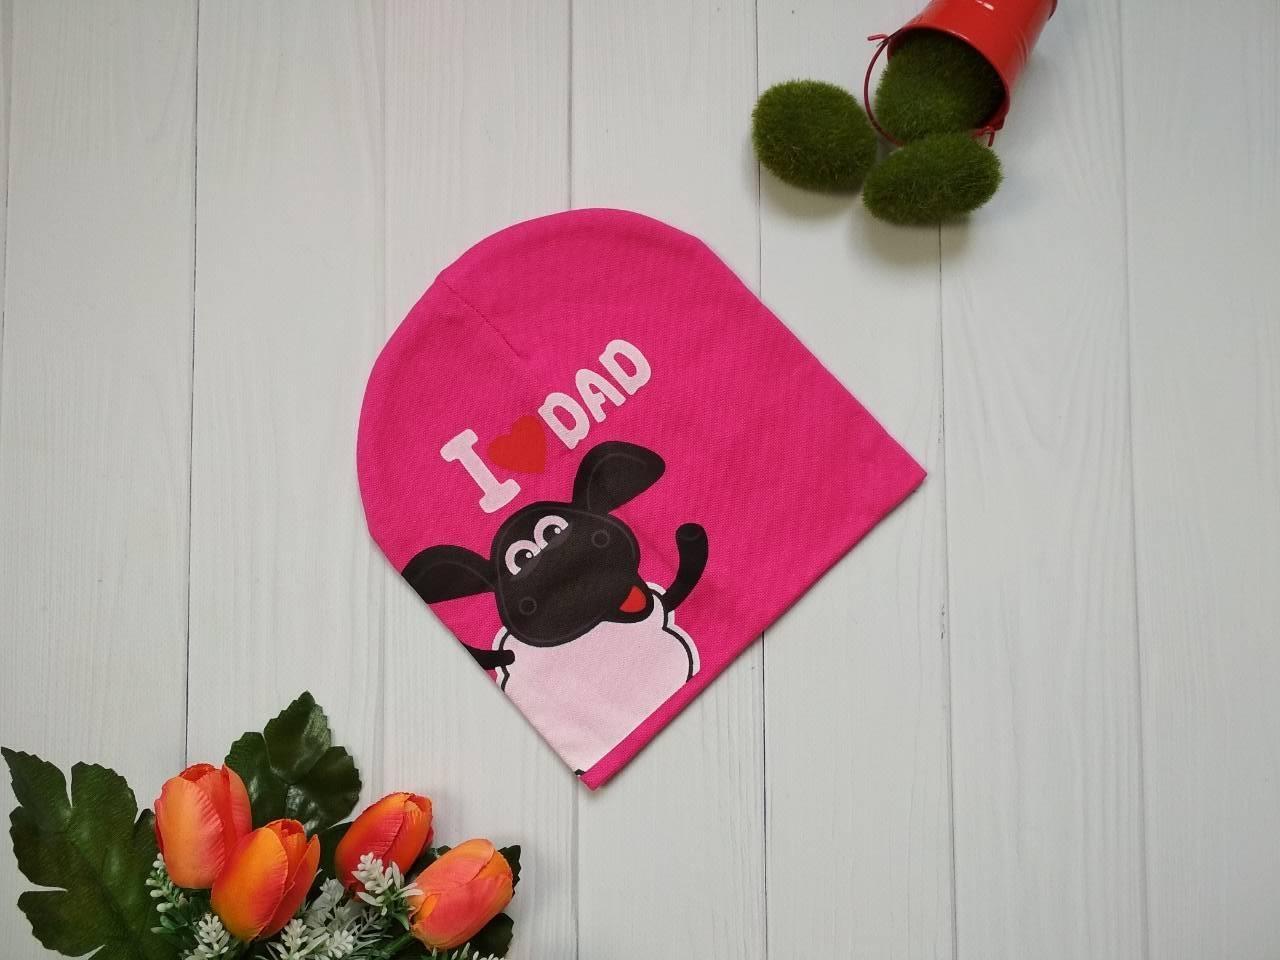 Демисезонная шапка с барашком Шоном для девочки цвет малиновый